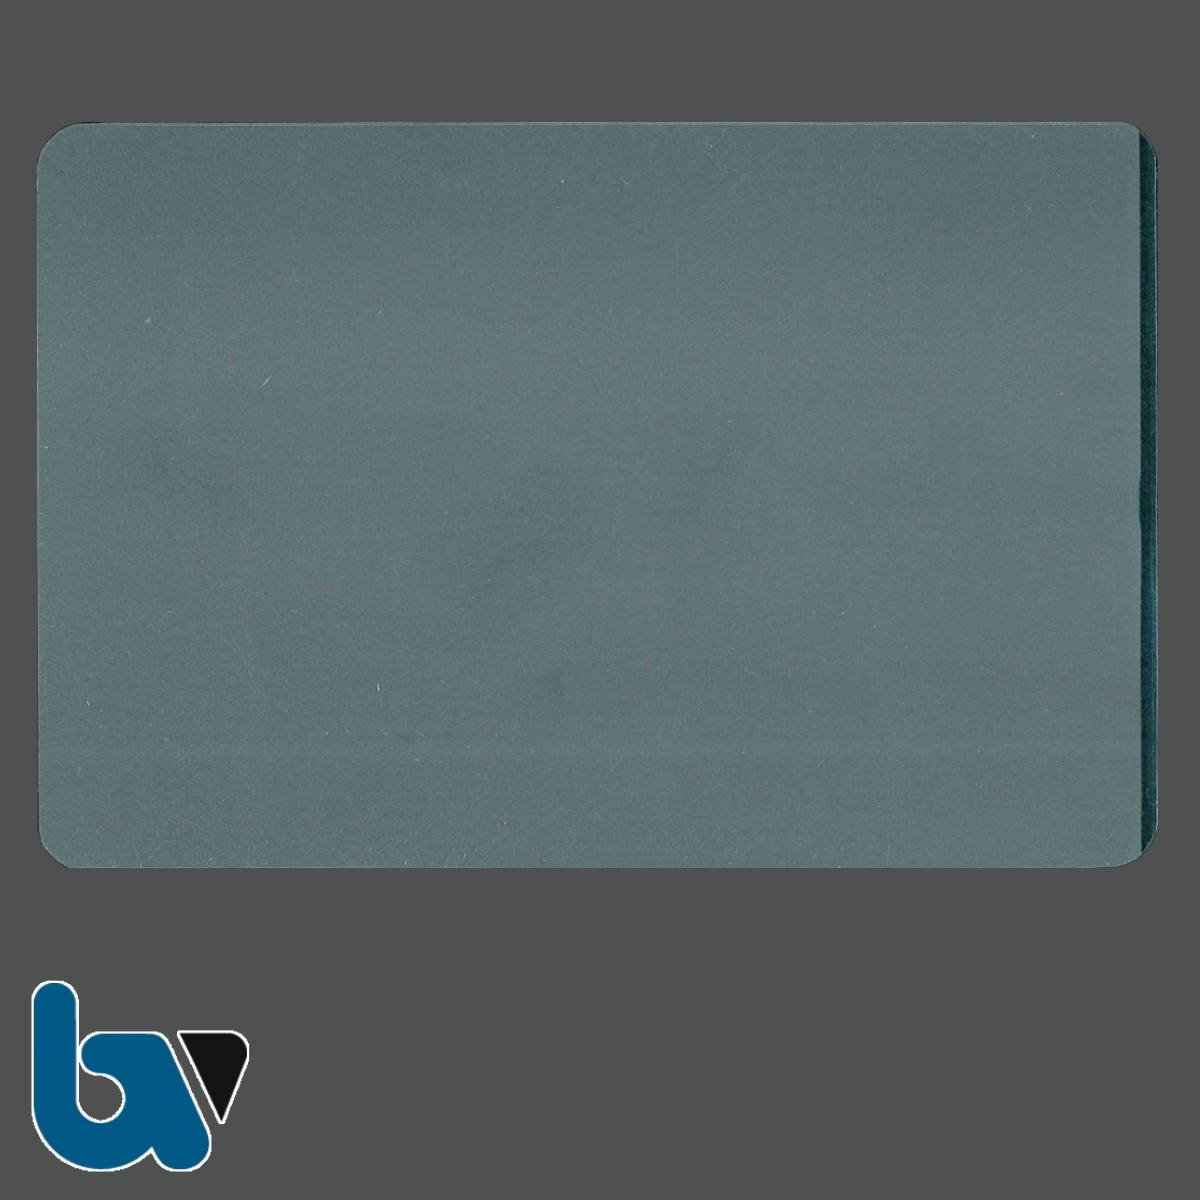 0/481-1.1 Laminierfolie Dienstausweis Scheckkartenformat | Borgard Verlag GmbH